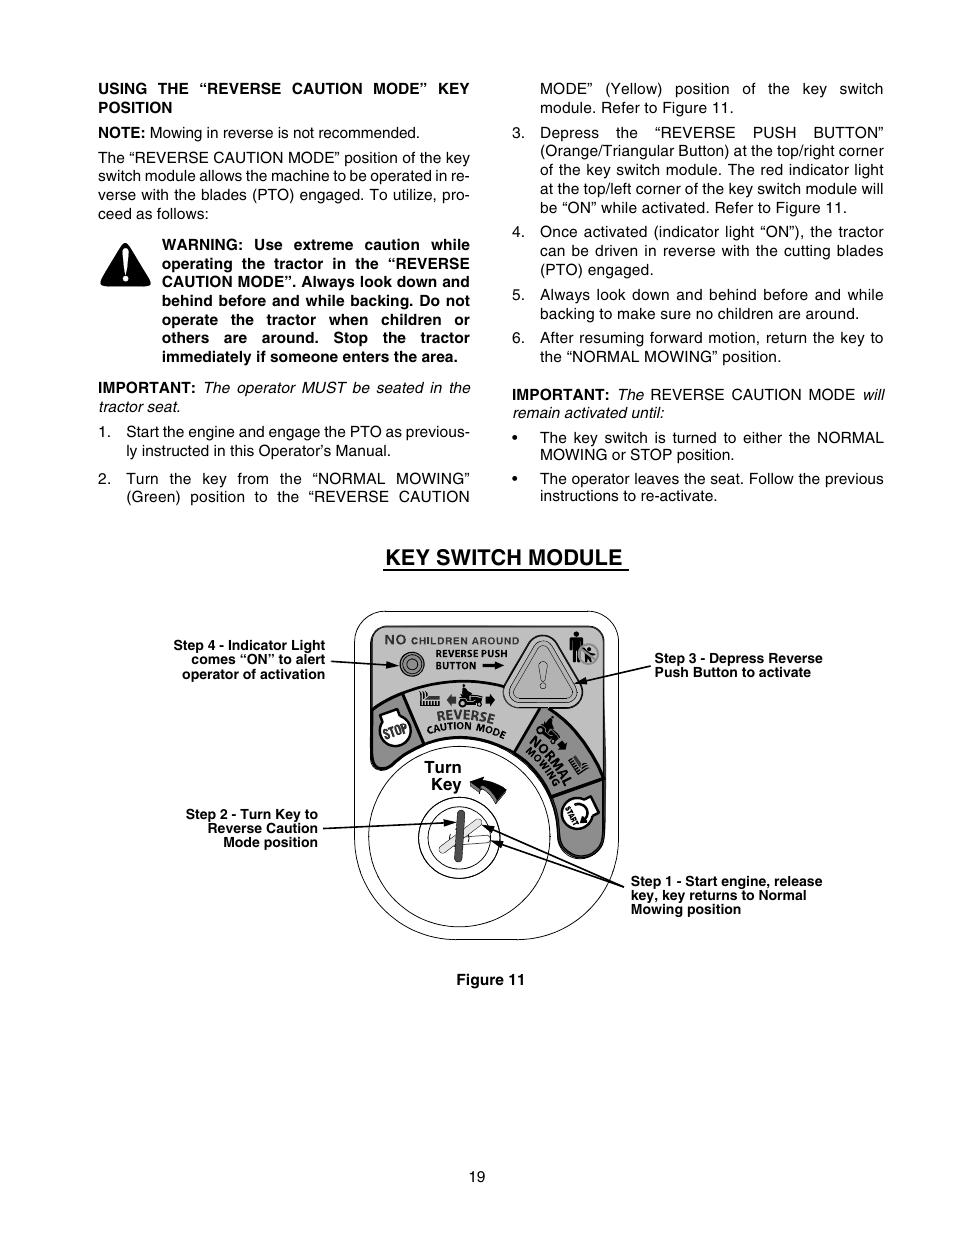 key switch module cub cadet gt 2544 user manual page 19 56 rh manualsdir com cub cadet gt 2544 owners manual Cub Cadet with Hydraulic Steering